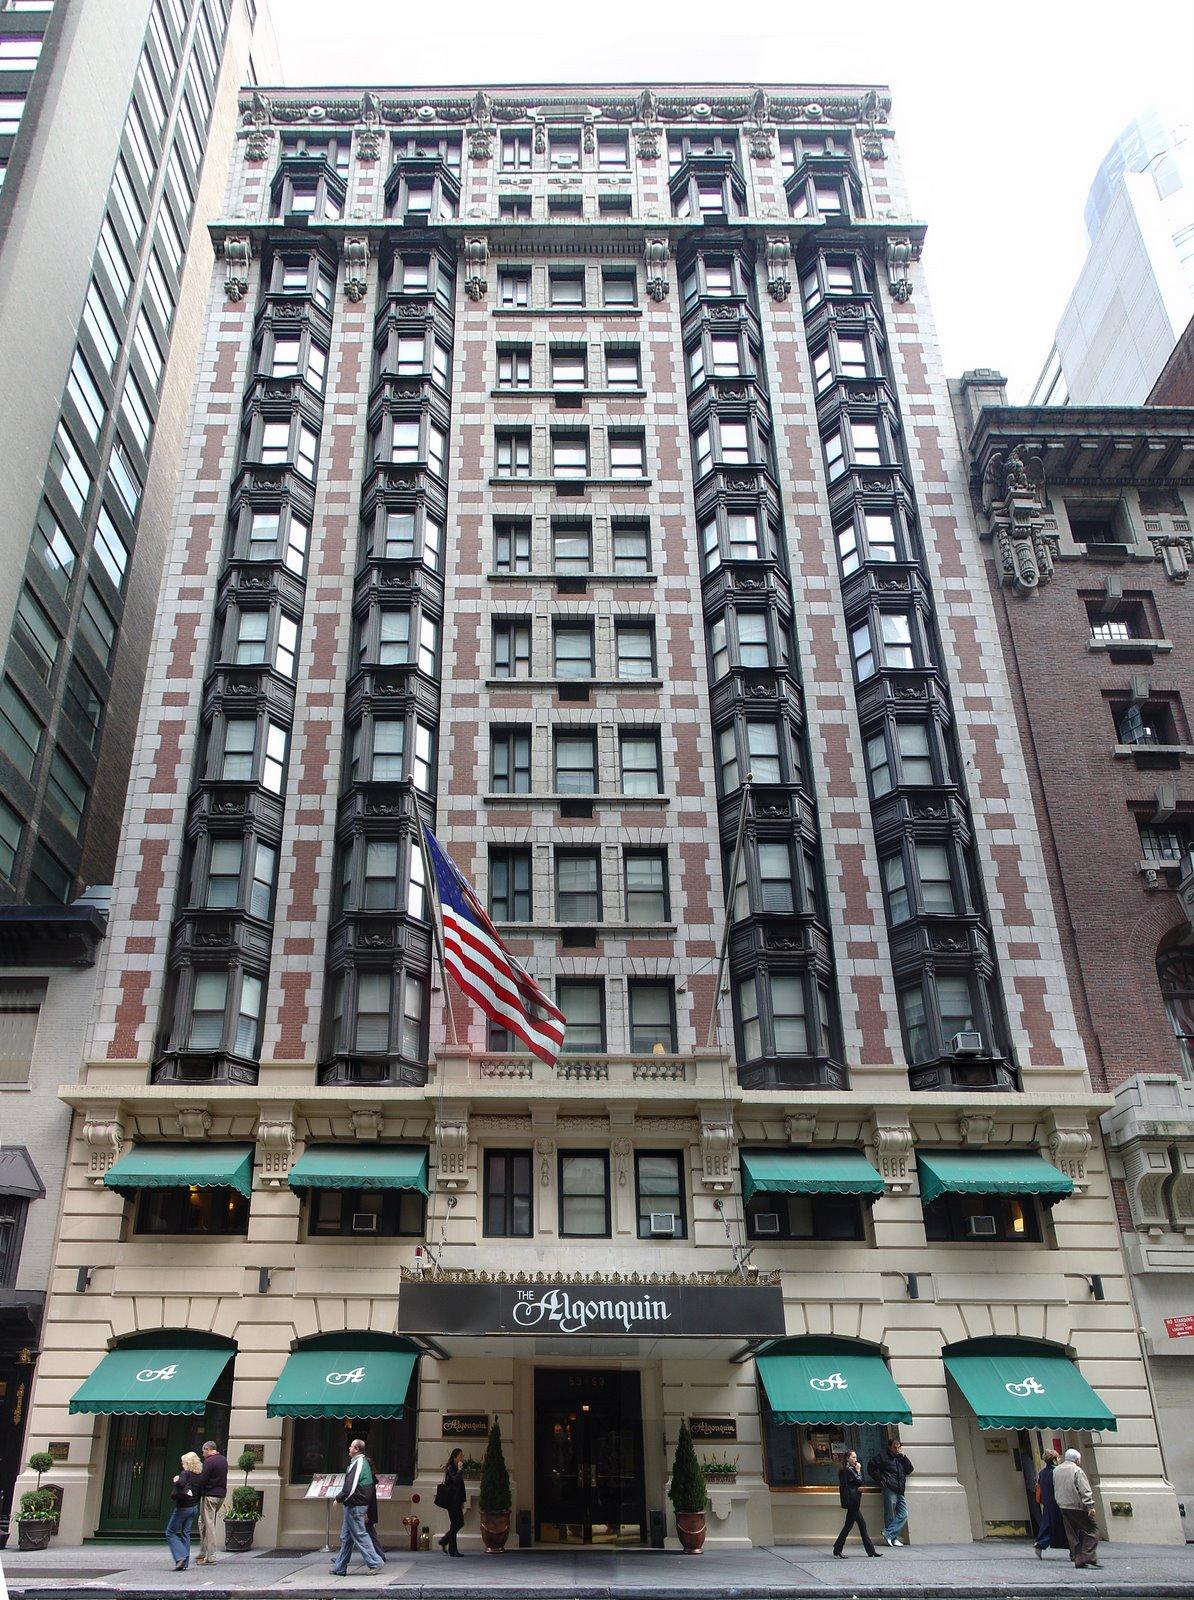 文芸誌『ニューヨーカー』のアイディアが生まれたNYで最長の歴史をもつ「ジ・アルゴンキン・ホテル・タイムズ・スクエア」